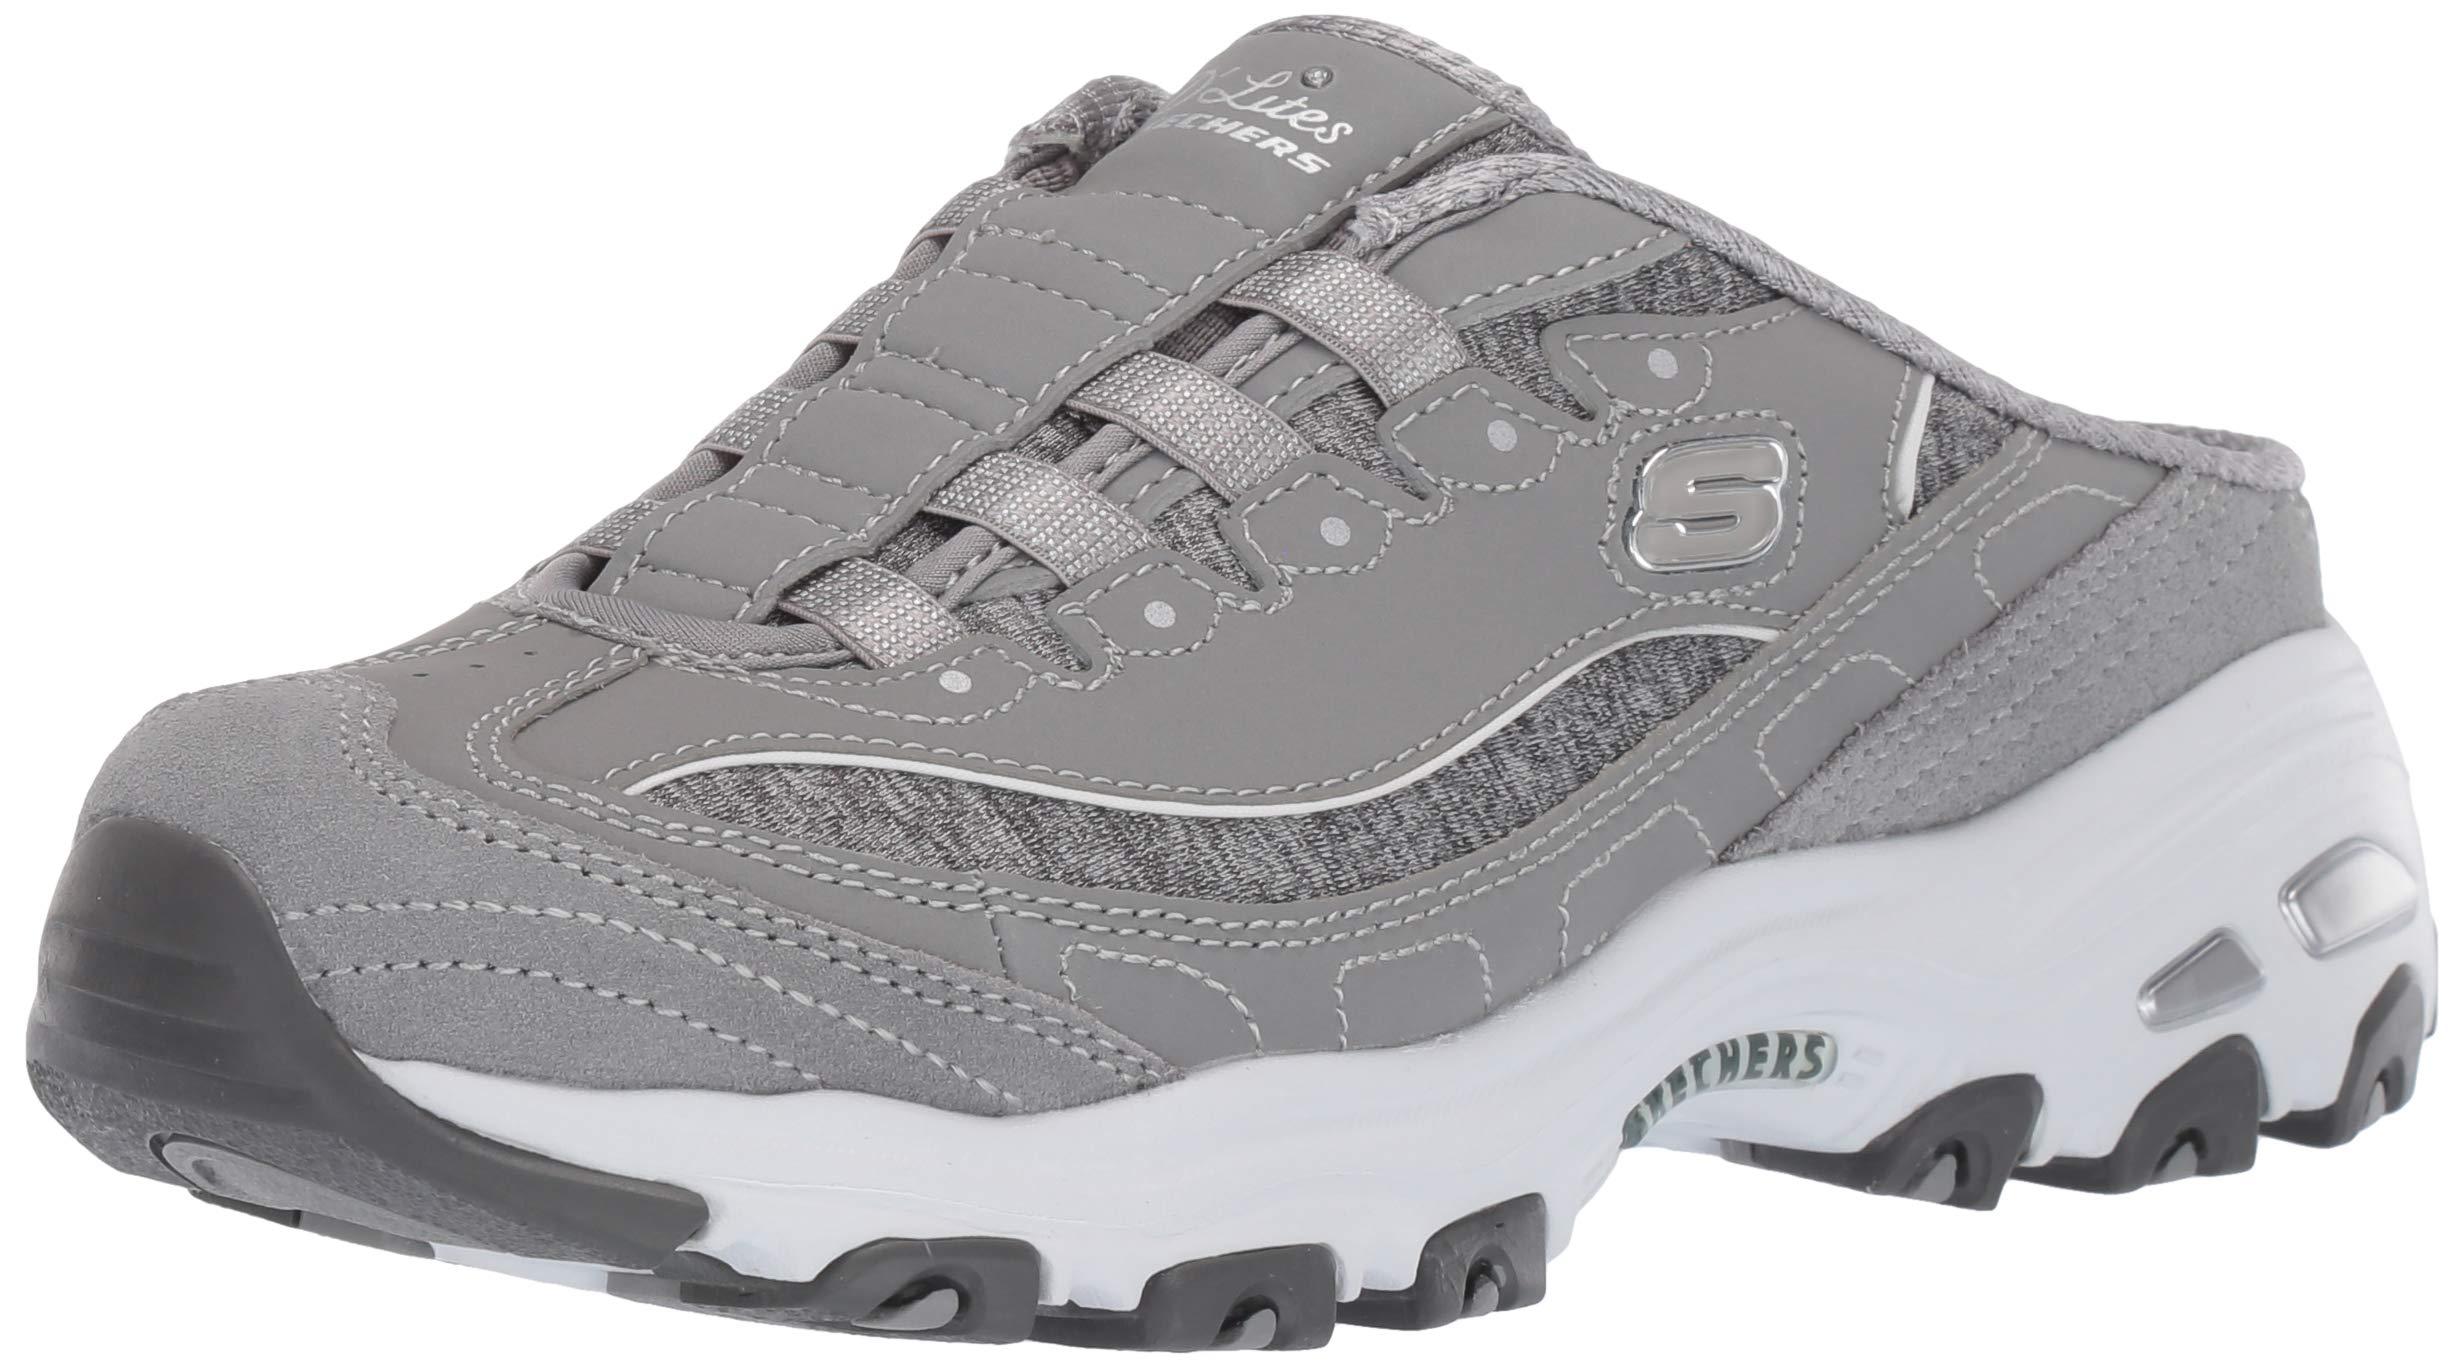 4bfc4fc7dd388 Skechers Sport Women's D'Lites Slip-On Mule Sneaker - 11940-GYW ...